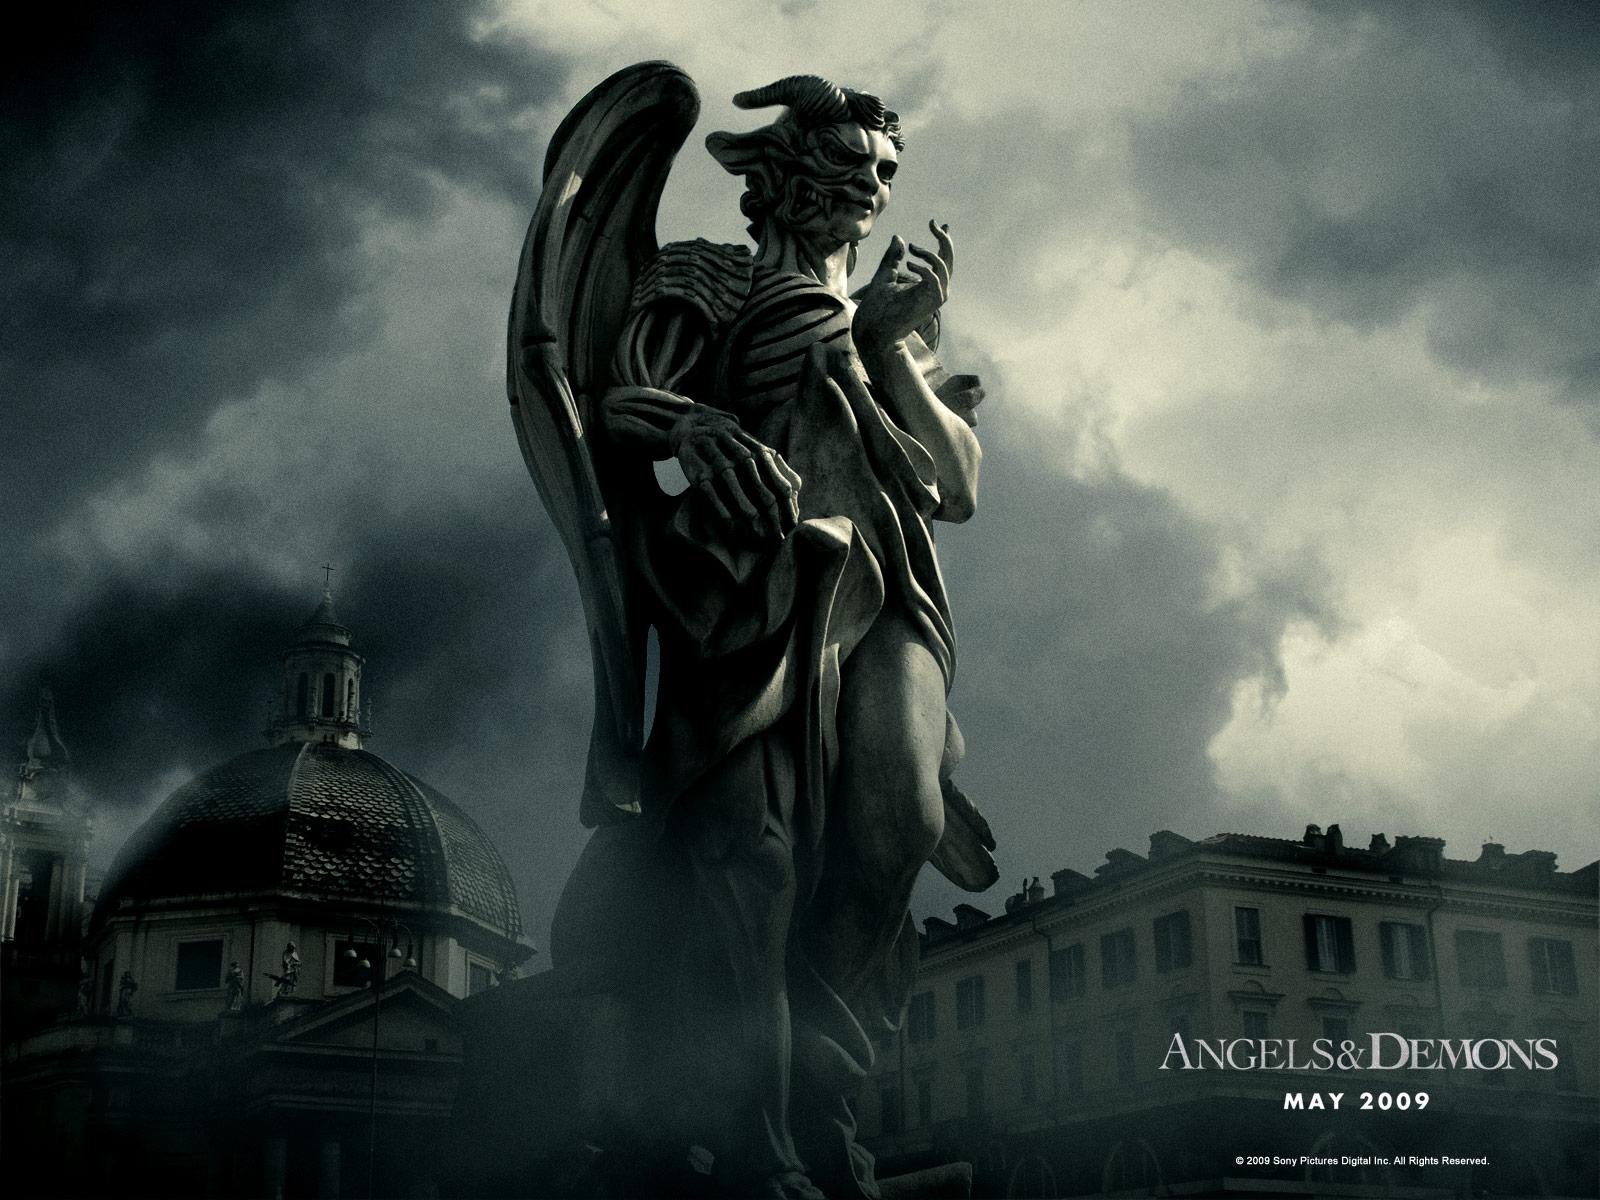 http://1.bp.blogspot.com/_AuYfXqtJ2oU/TNC8z5hDewI/AAAAAAAAABc/rm1kaqG2PAg/s1600/Angels_and_Demons_Wallpaper_1_1280.jpg